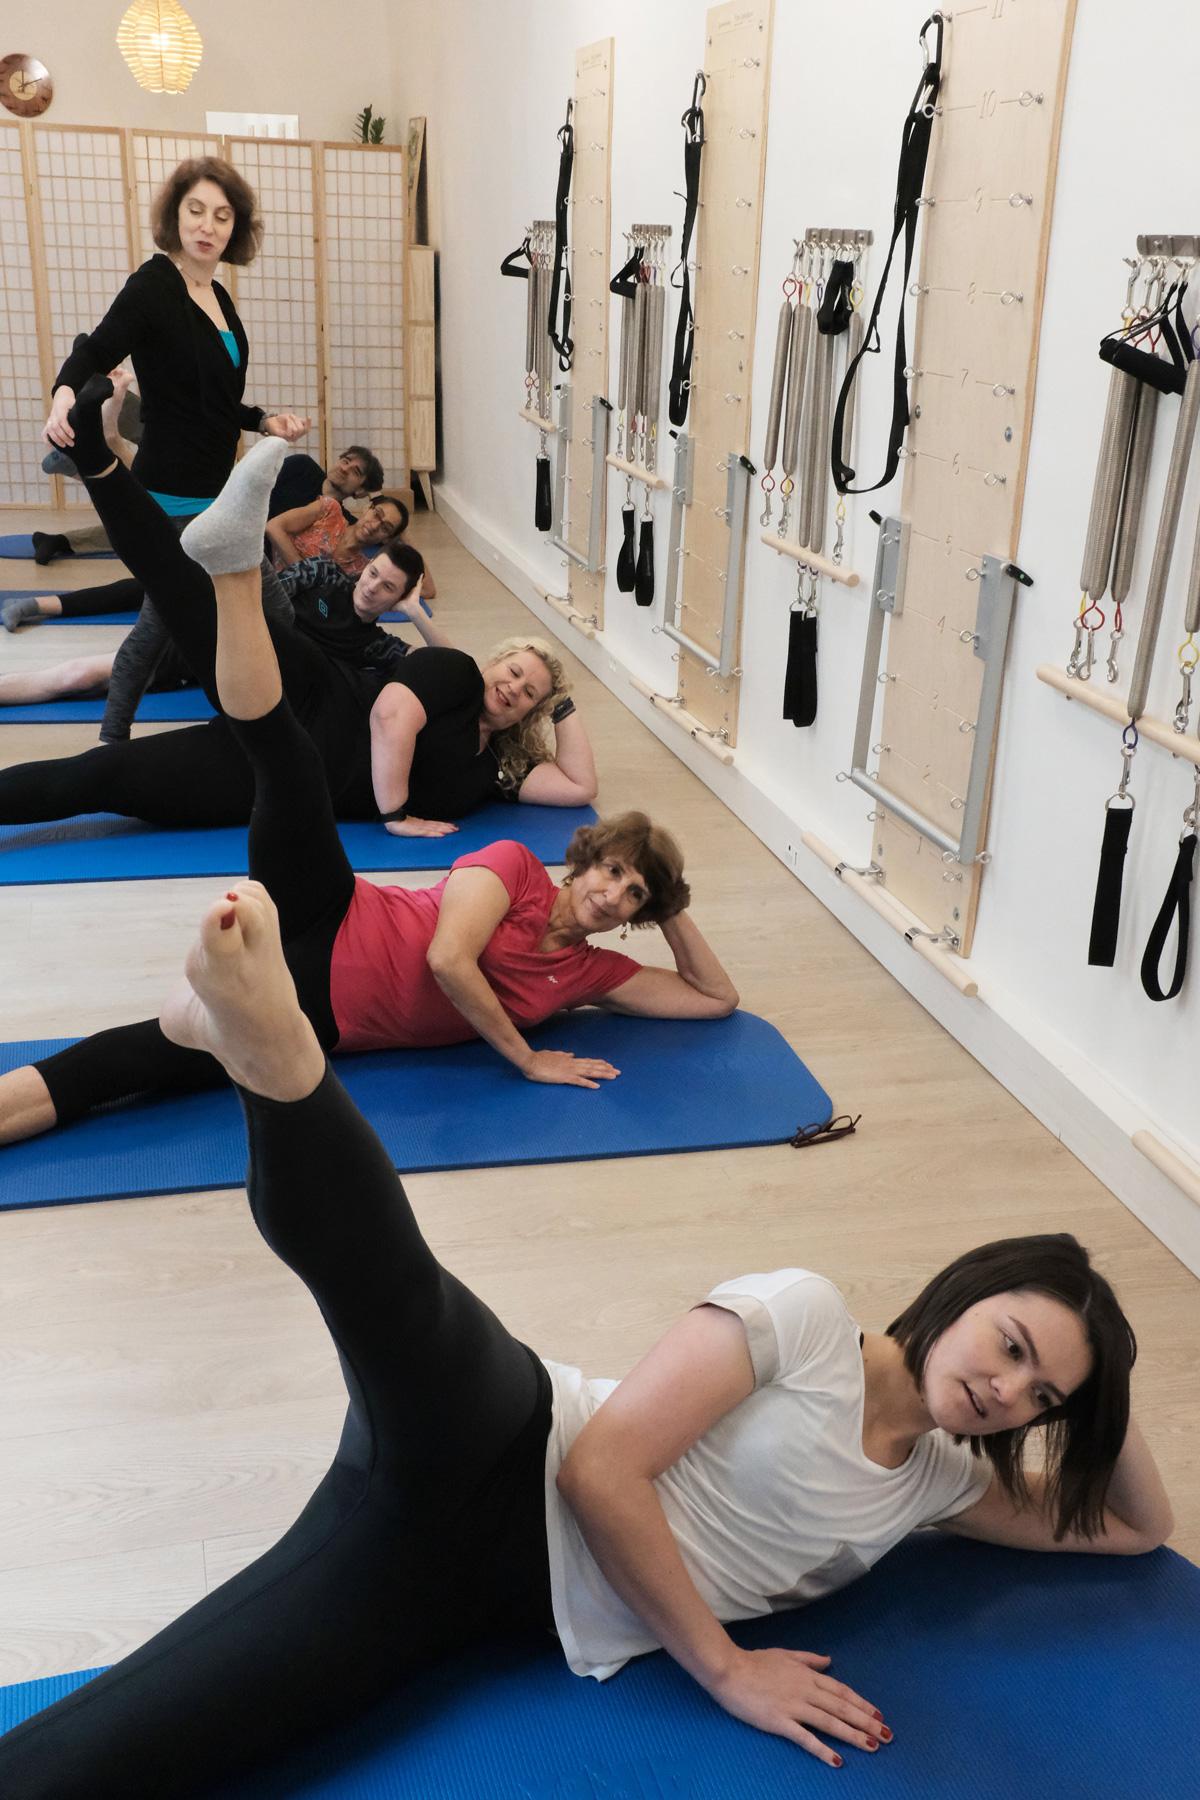 Cours collectif de Pilates au sol sur tapis